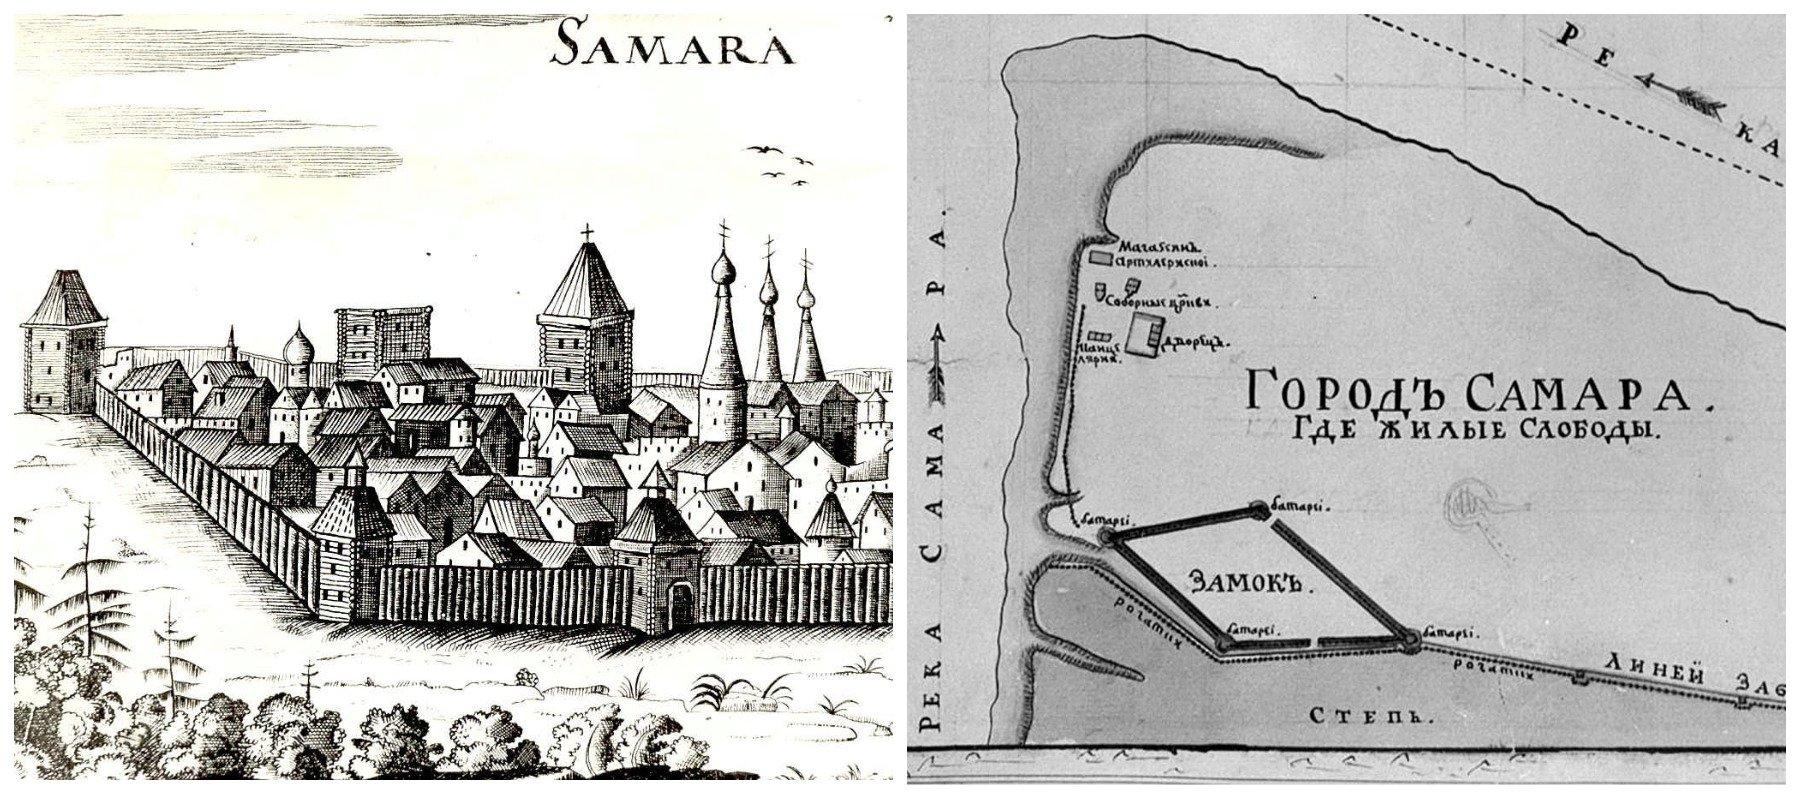 работы механизма карта старой самары картинки записал, как ветеран